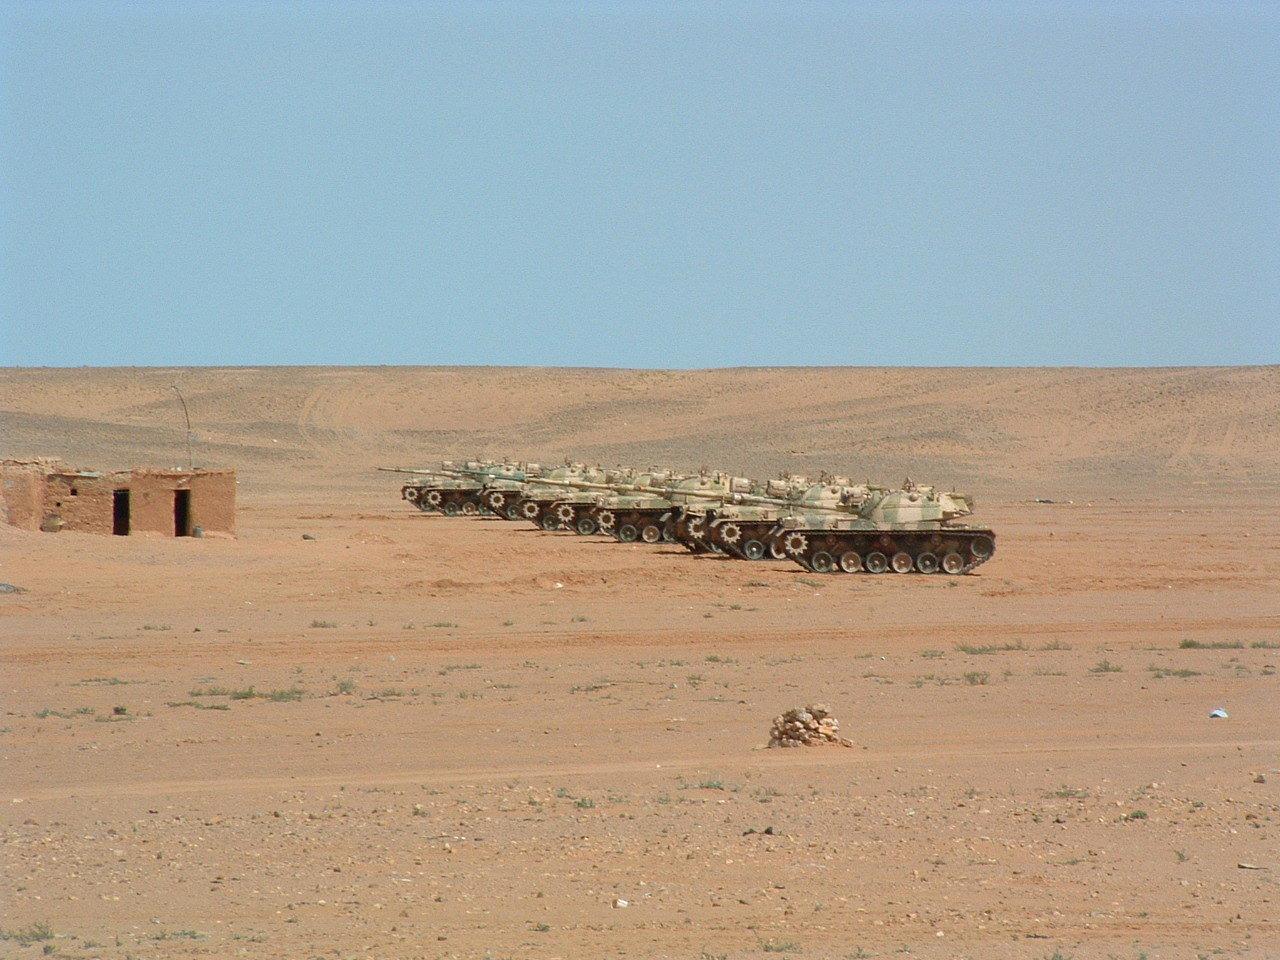 Photos - Chars de Combat / MBTs - Page 3 41416578960_4c02c0a2fa_o